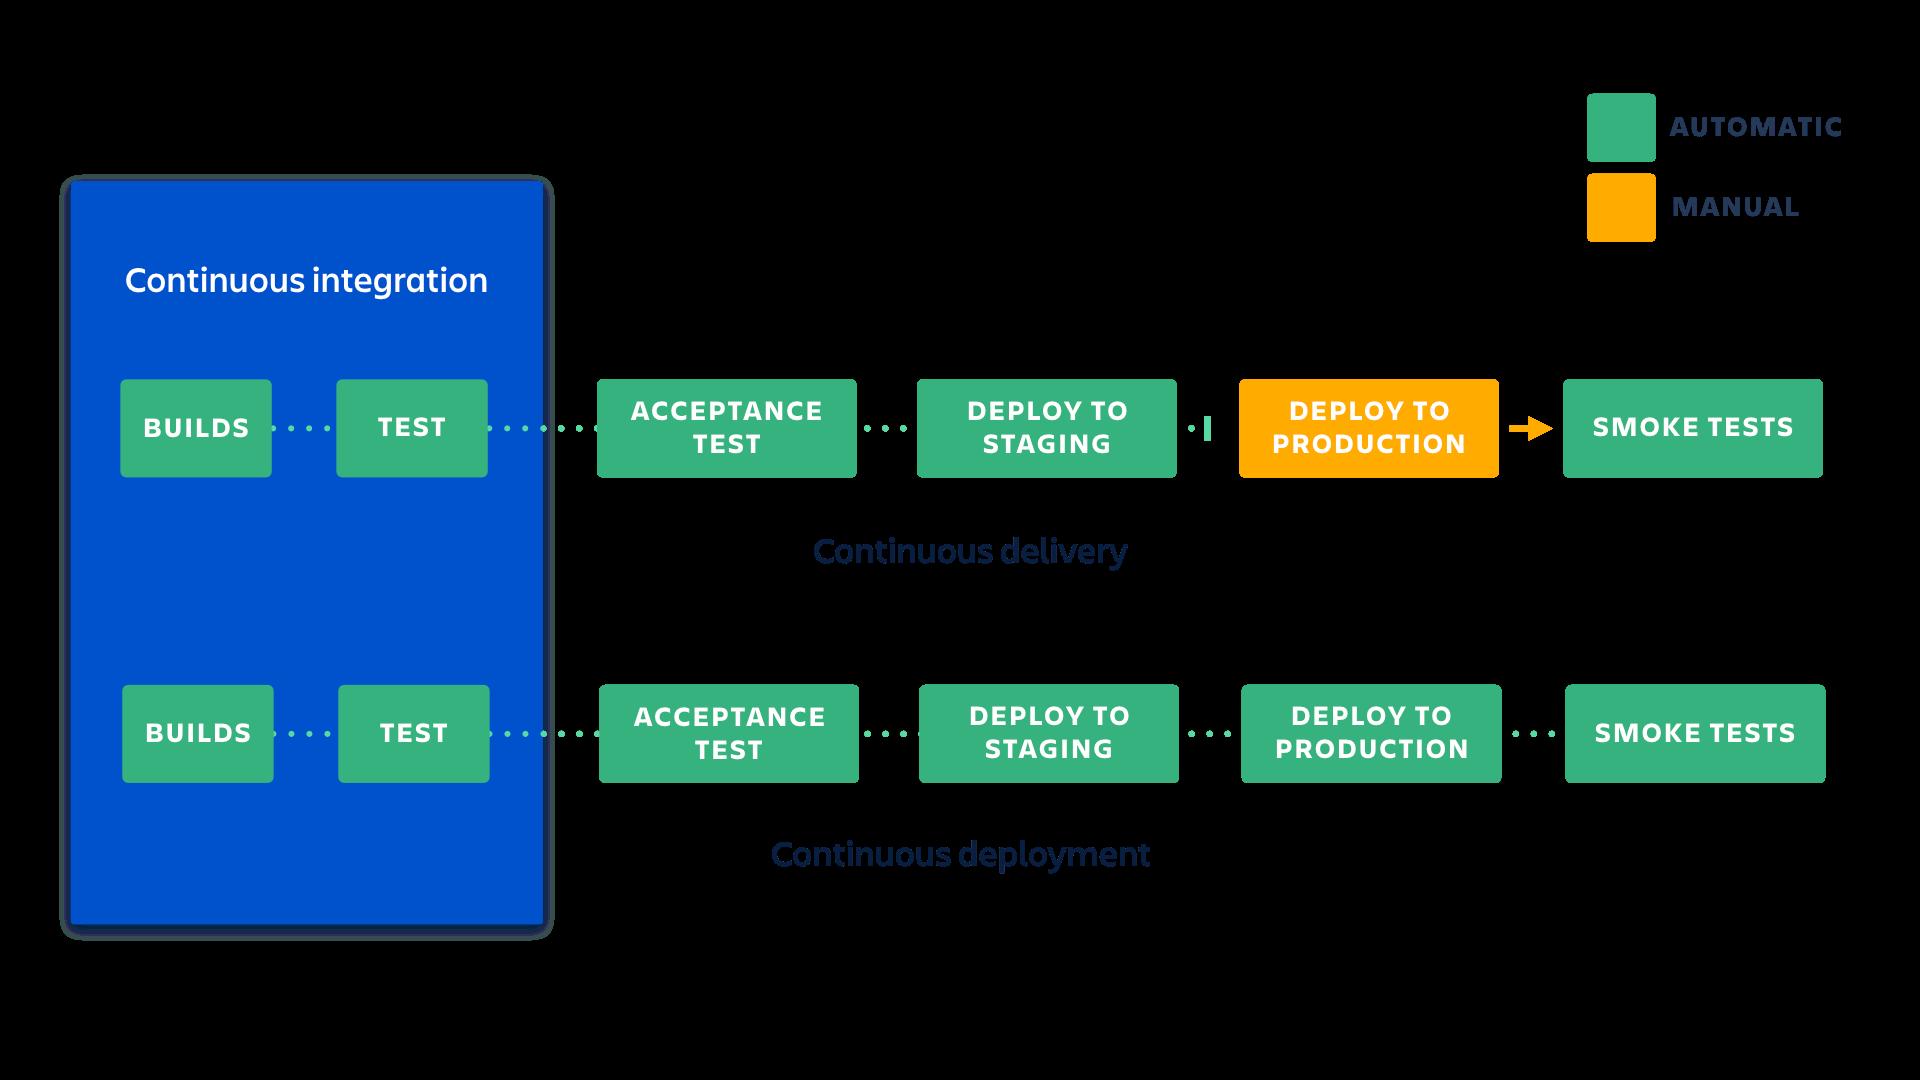 継続的インテグレーション、継続的デリバリー、継続的デプロイの相違点 | Atlassian CI/CD